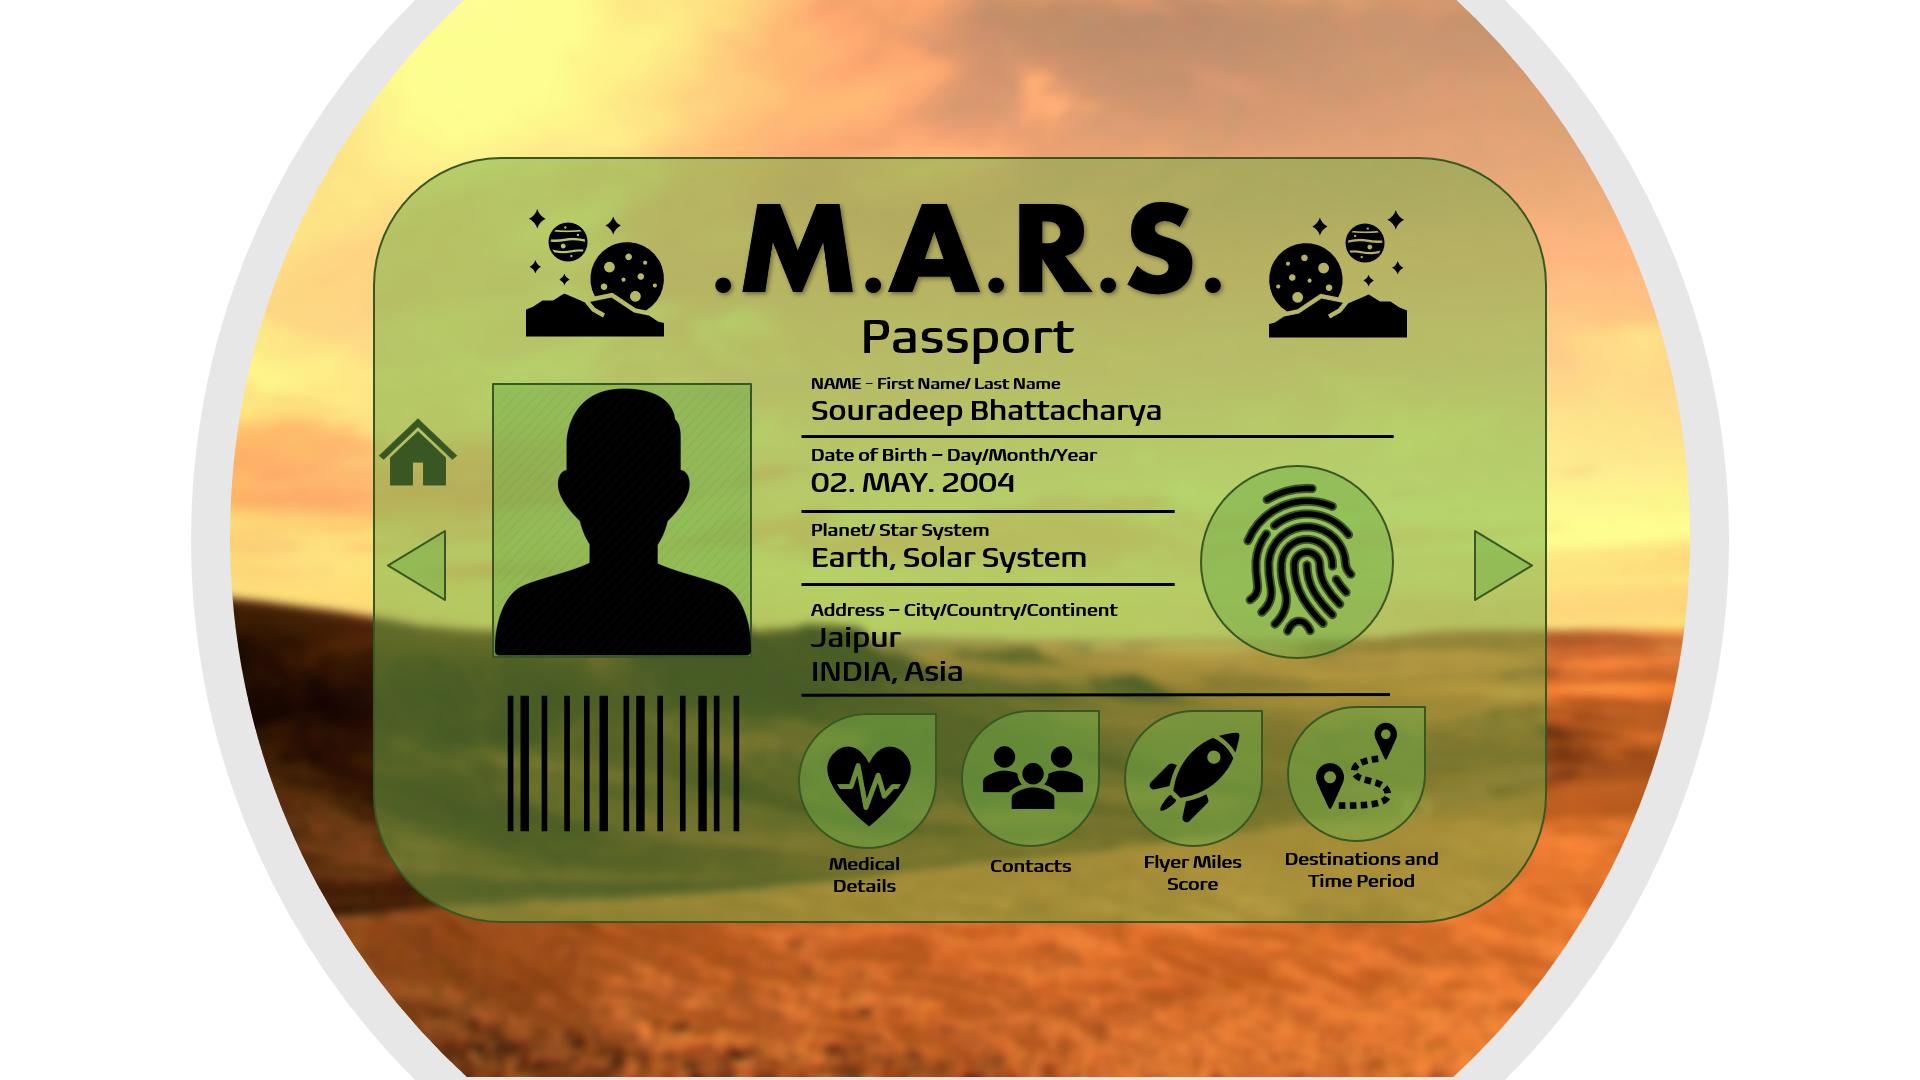 Mars passport Pic - Souradeep Bhattachar